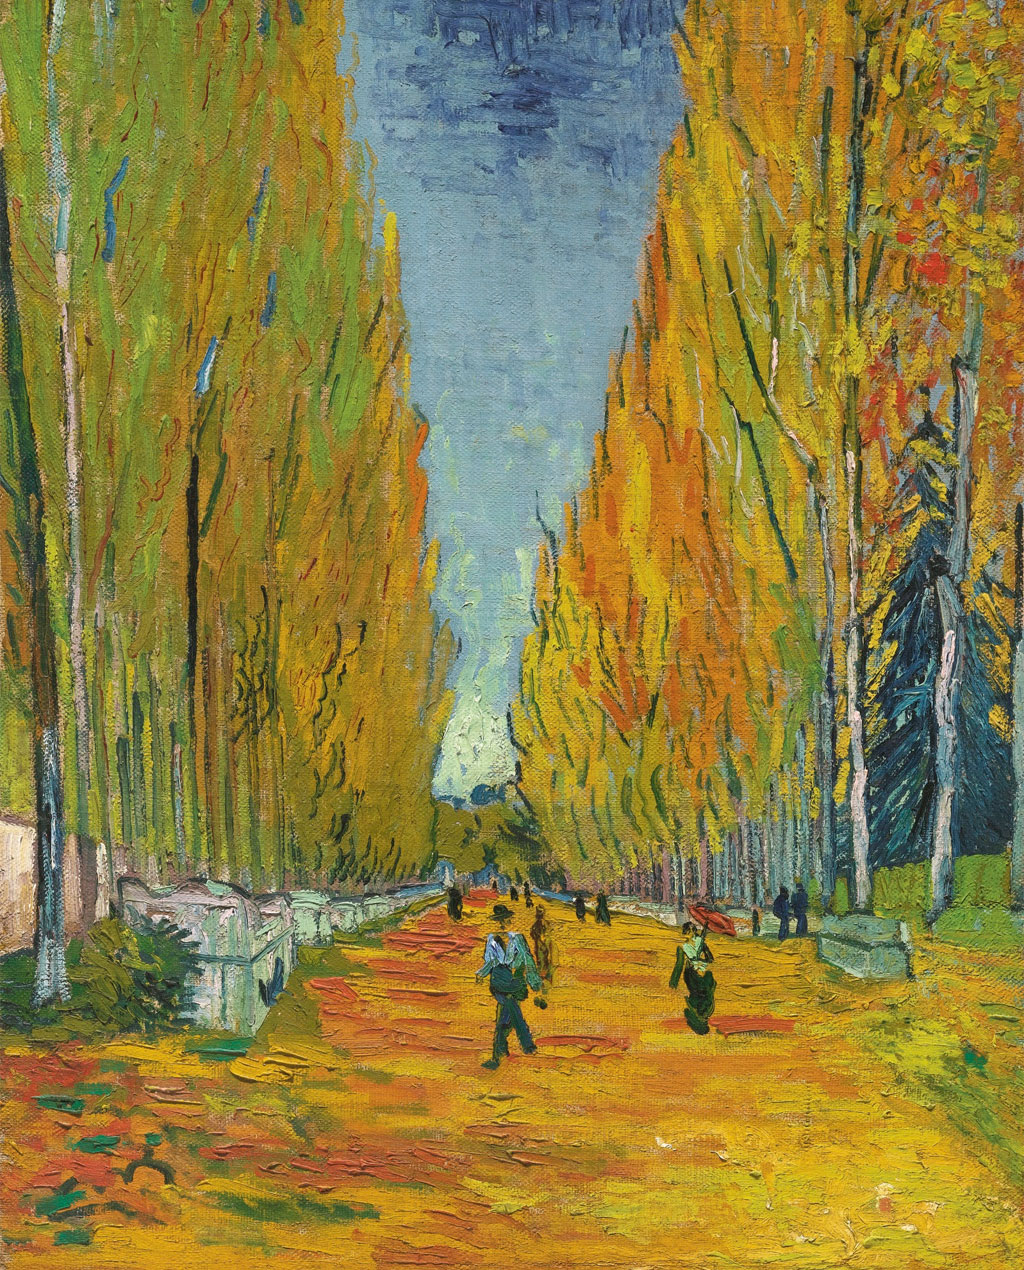 Les Alyscamps (I campi elisi), Van Gogh, 1888